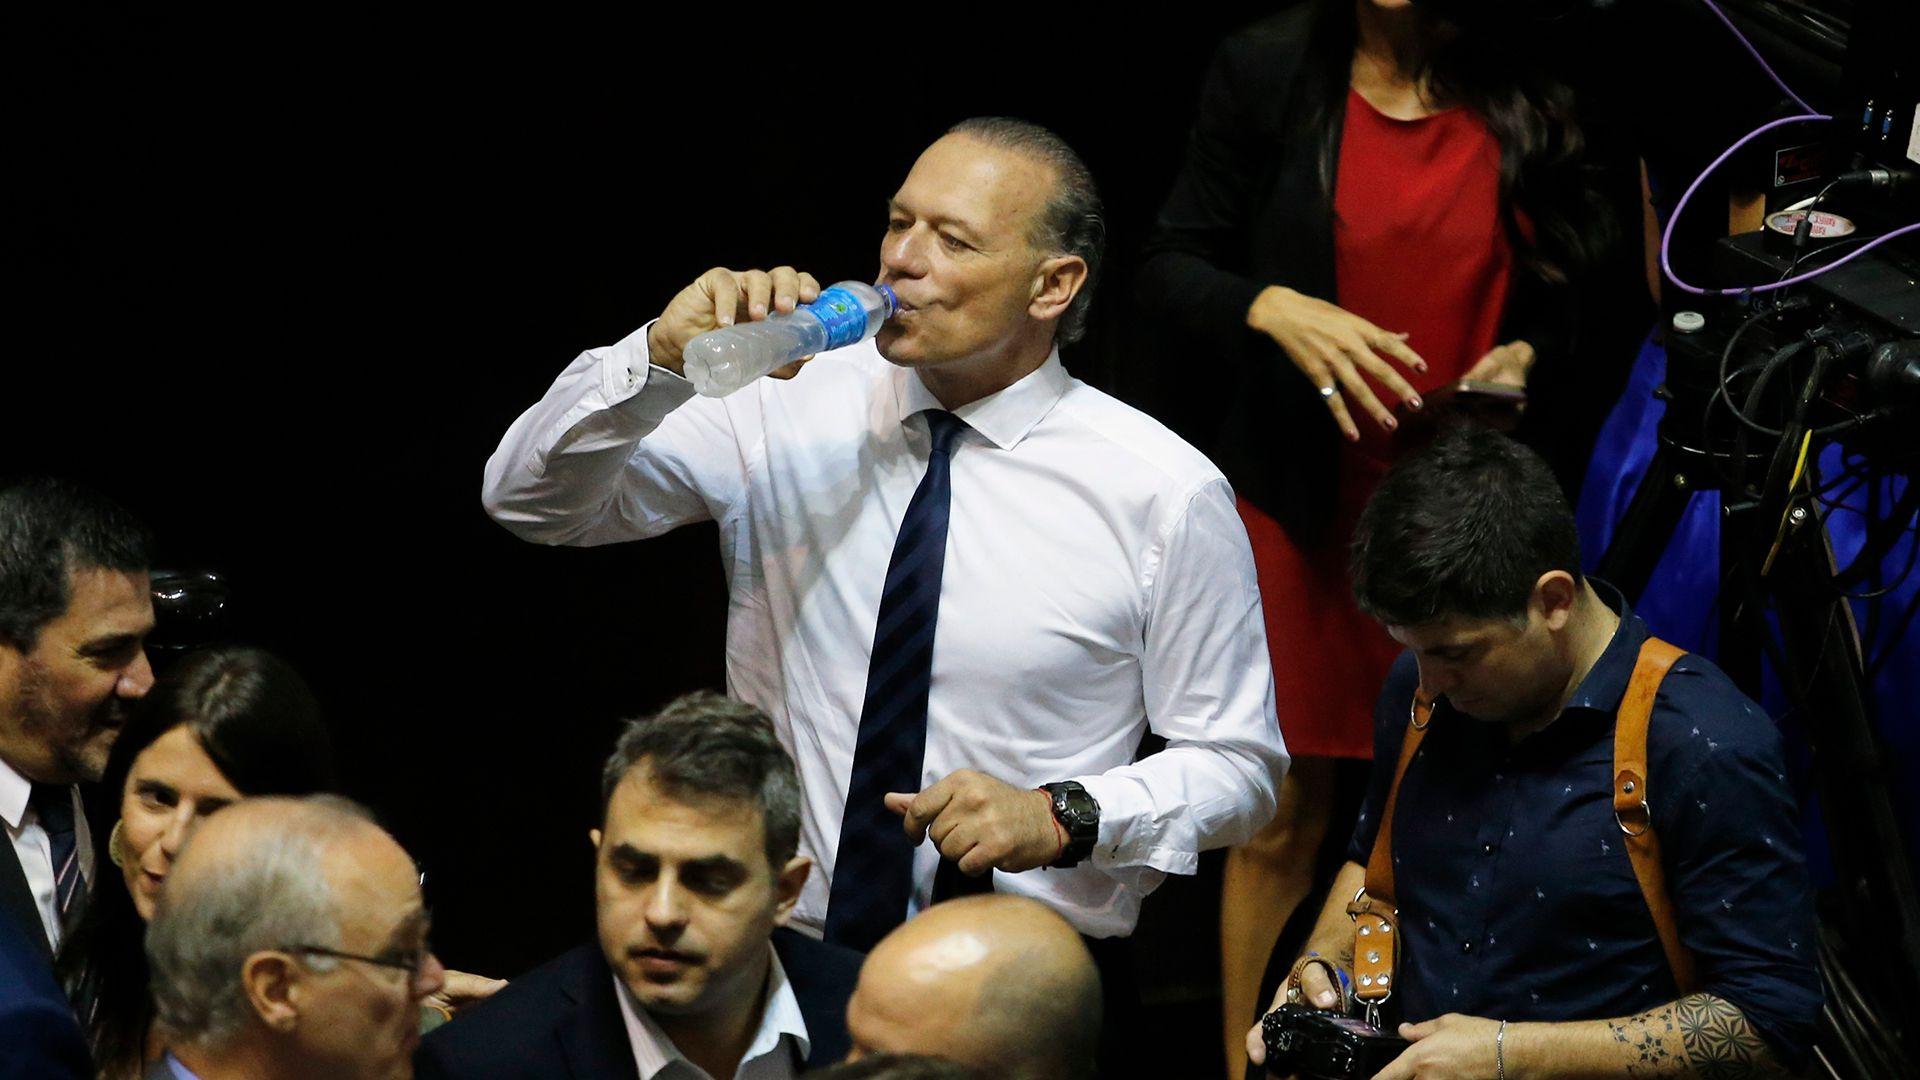 Sergio Berni continuará como ministro de Seguridad, aseguró el jefe de Gabinete bonaerense (Nicolás Aboaf)